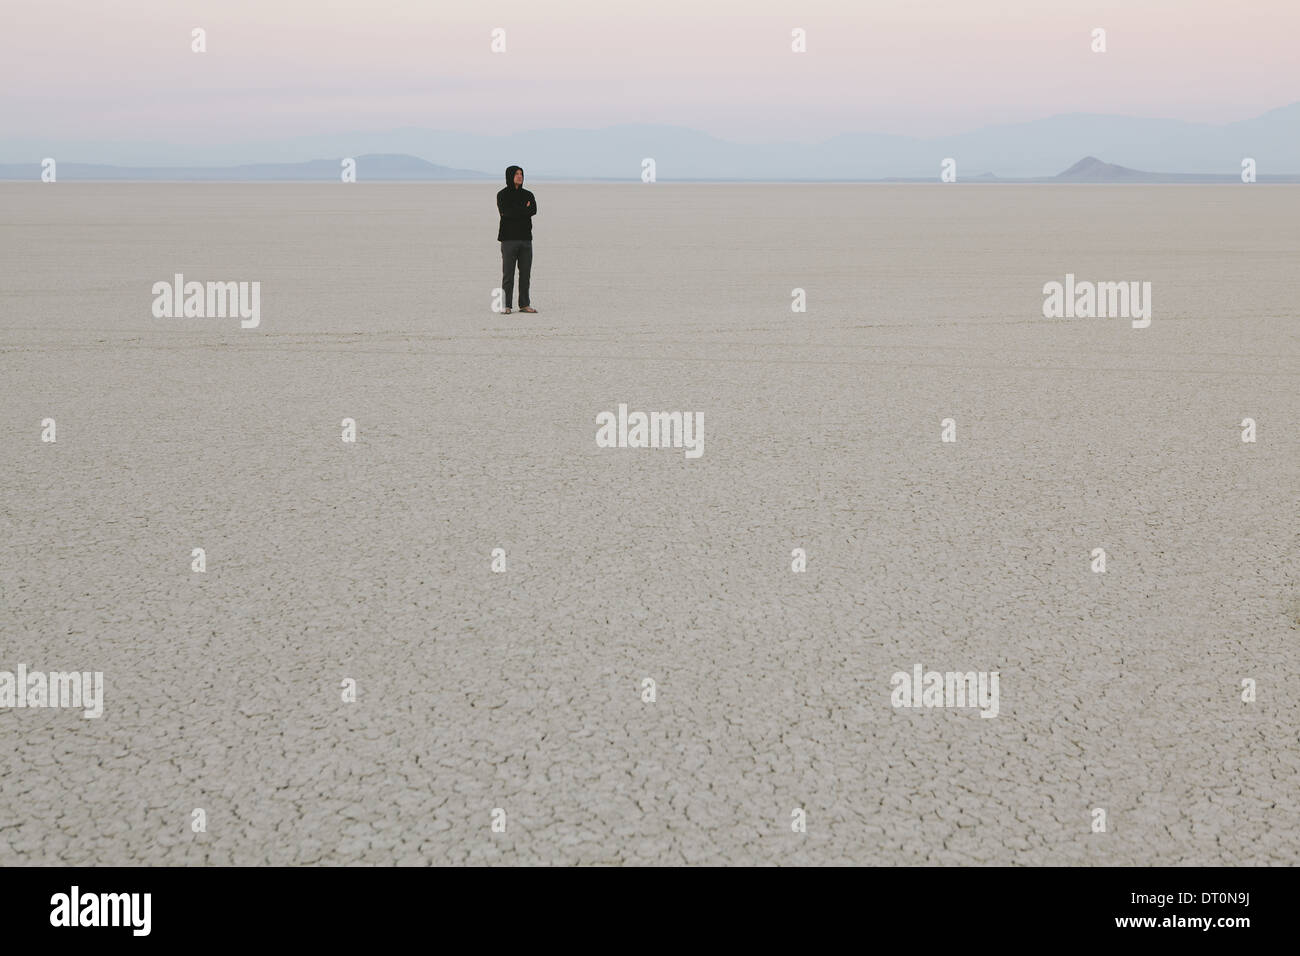 Black Rock Desert Nevada USA Man standing in vast desert landscape Stock Photo